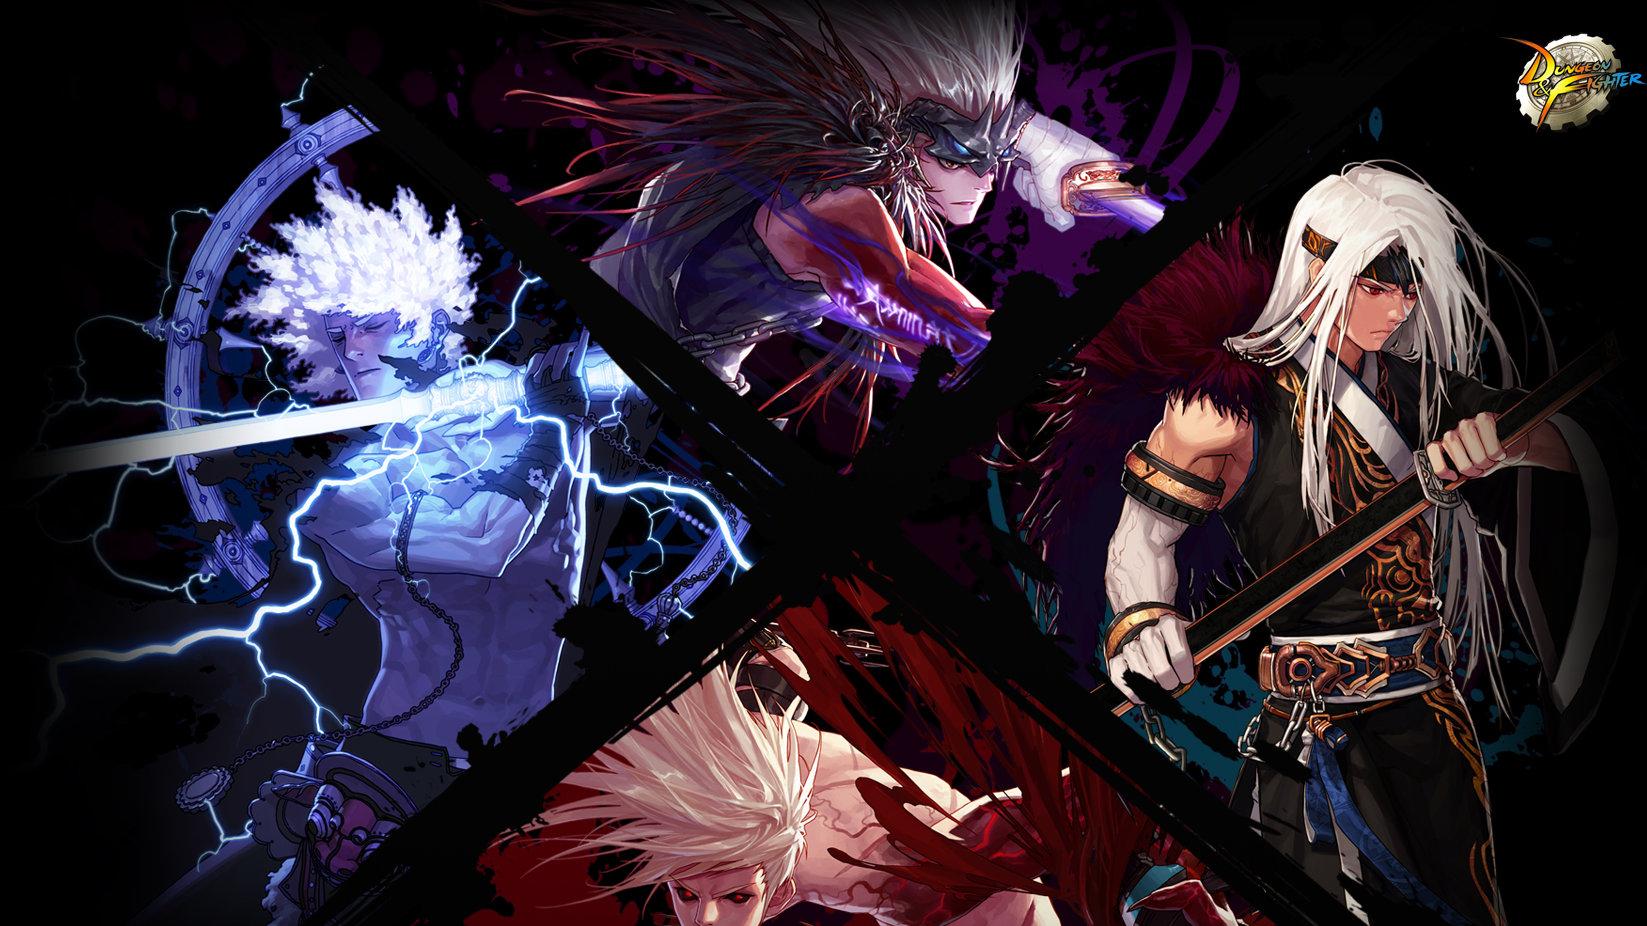 韩国网络游戏公司NEOPLE开发的《地下城与勇士》,是少见的横版格斗过关式网络游戏。该游戏中与其他网络游戏同样具有装备